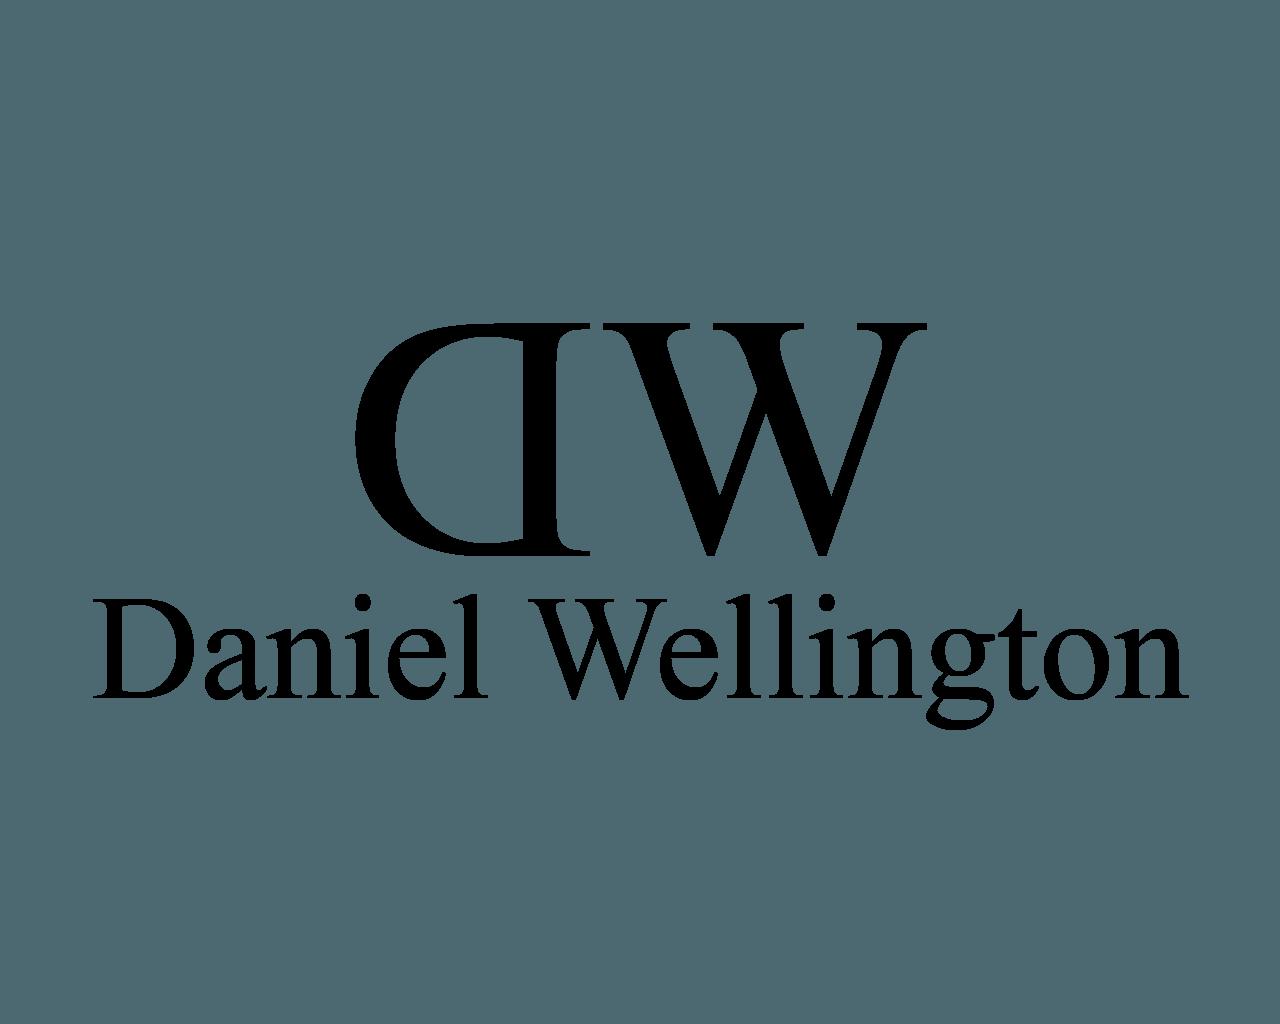 kisspng-daniel-wellington-jewellery-logo-new-york-city-wat-jewelry-store-logo-5ae9124ac188b3.3039708815252240107927